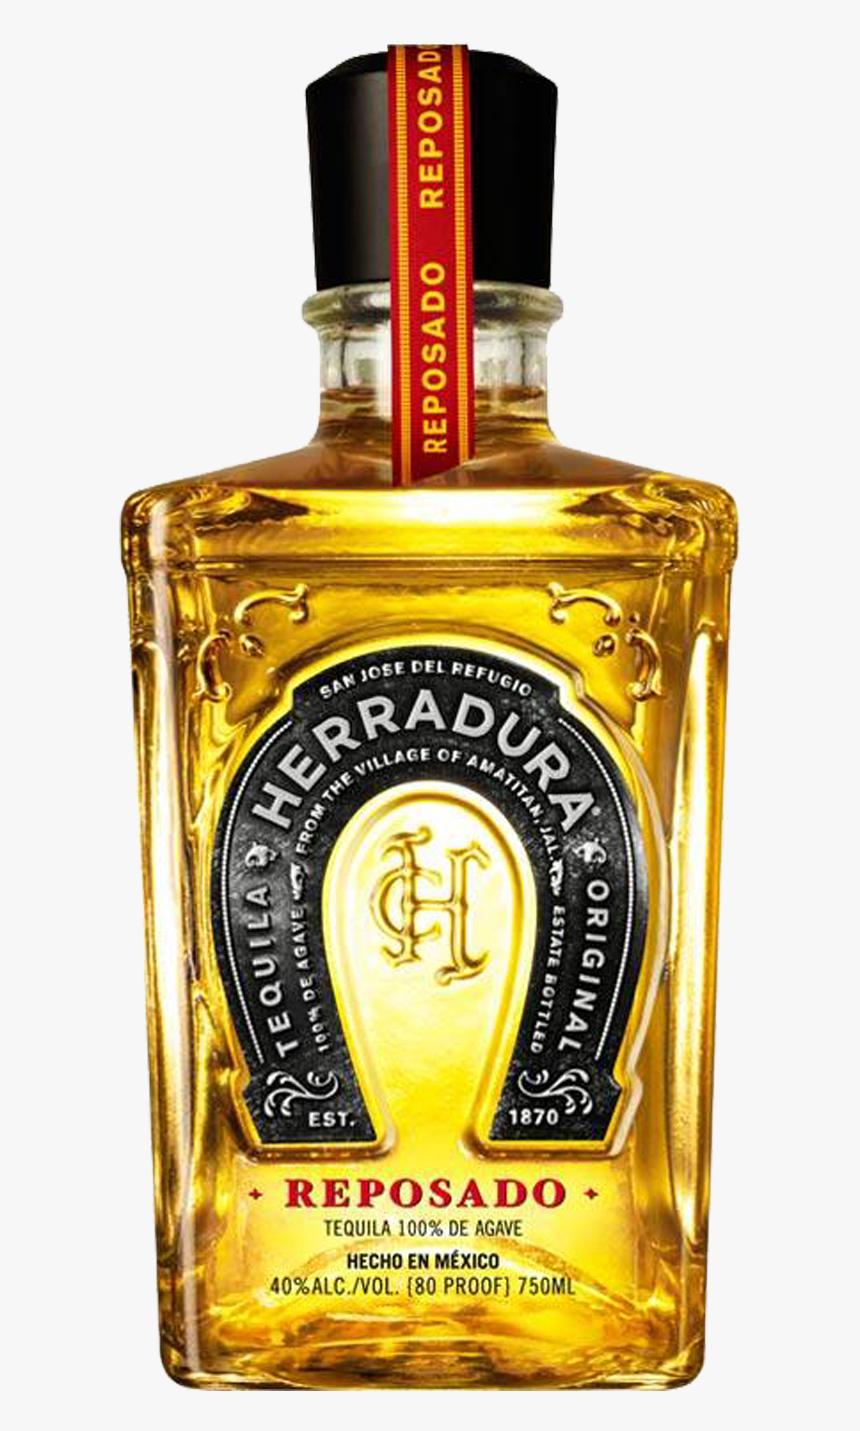 Текила herradura: история, сорта и фото напитка